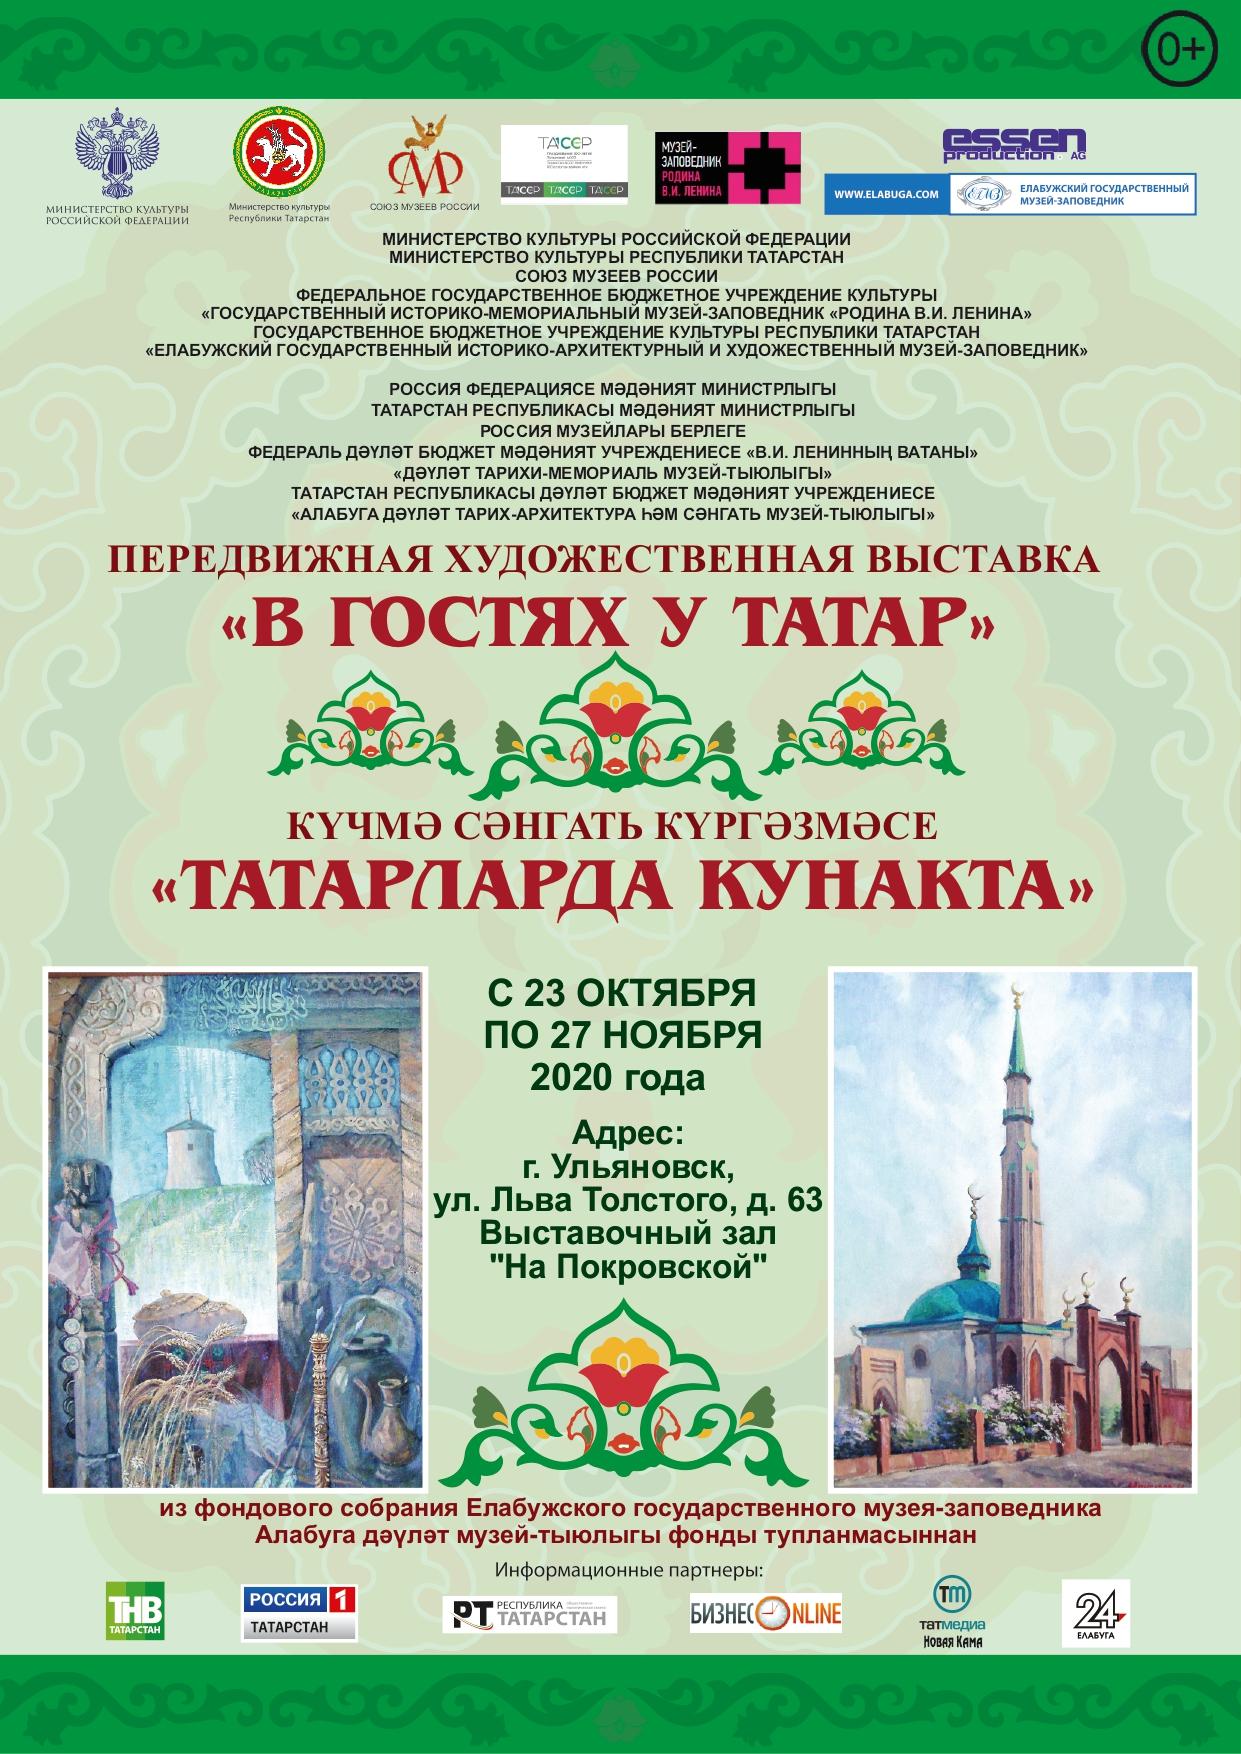 Открытие выставки «В гостях у татар» @ в Выставочном зале «На Покровской»  (ул. Льва Толстого, д. 63)